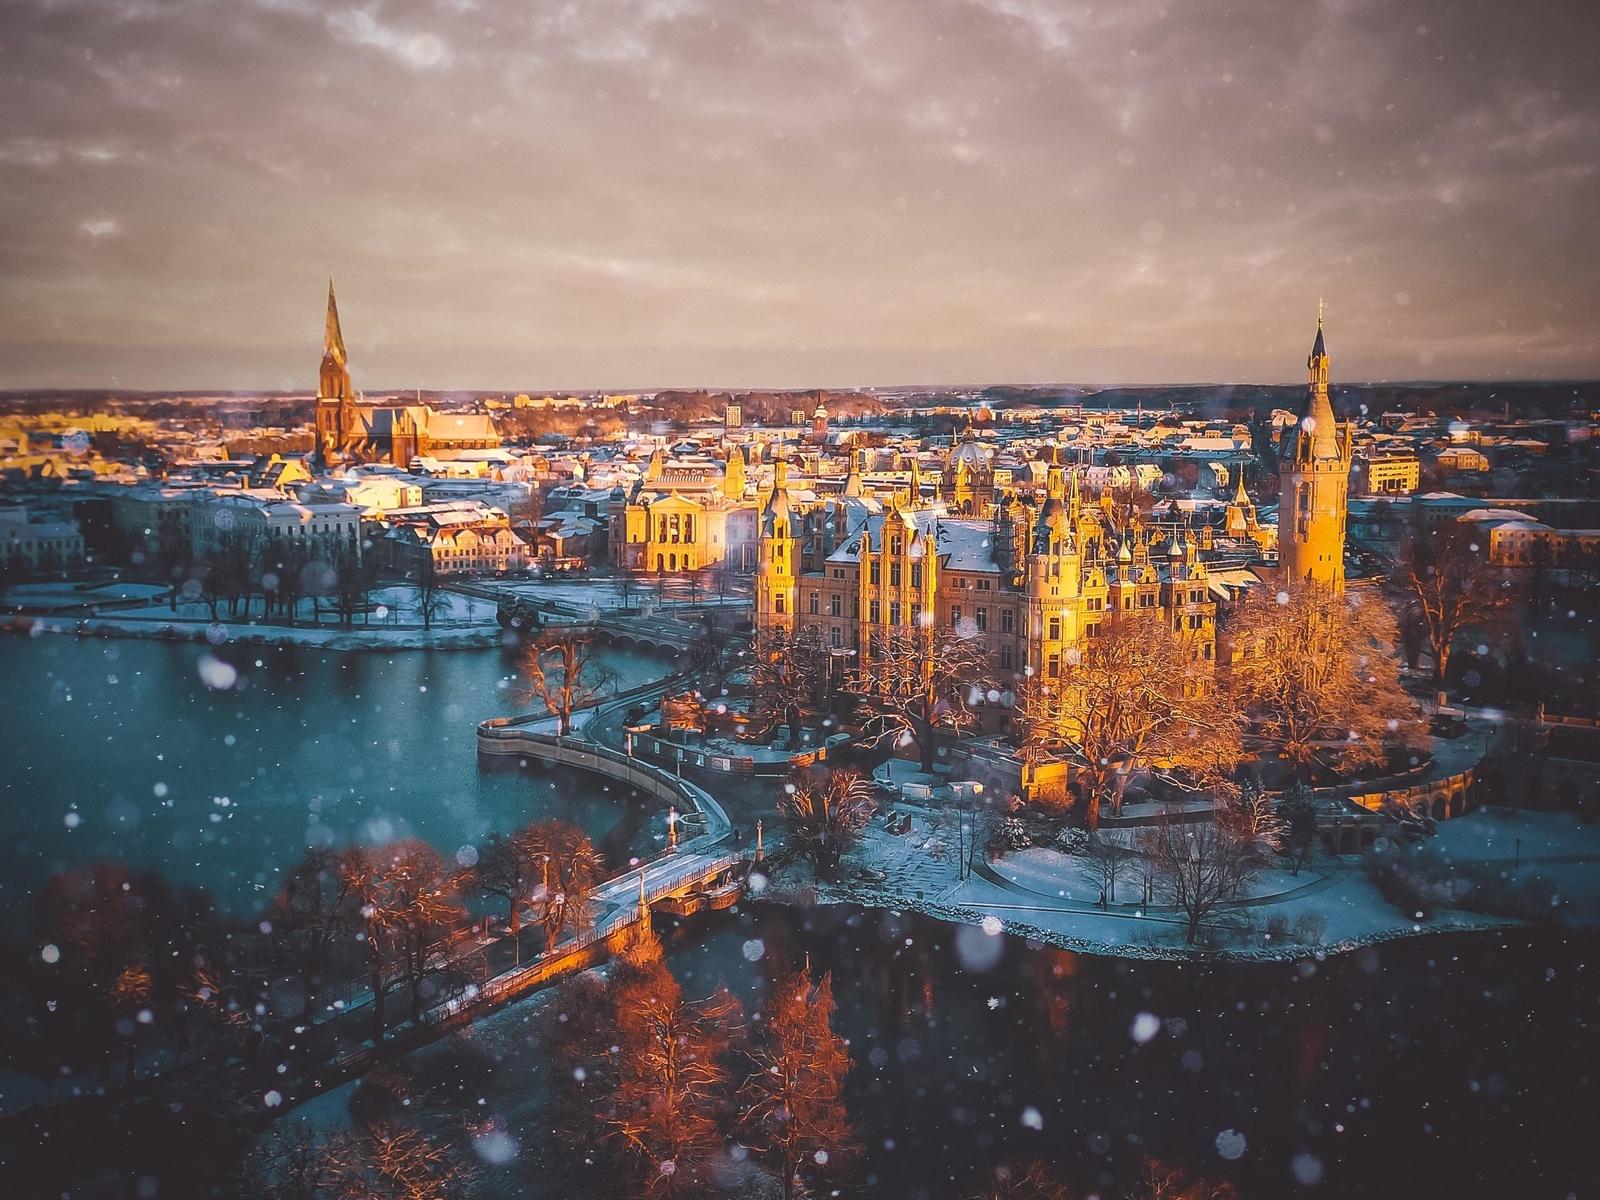 город, дворец, снег, река